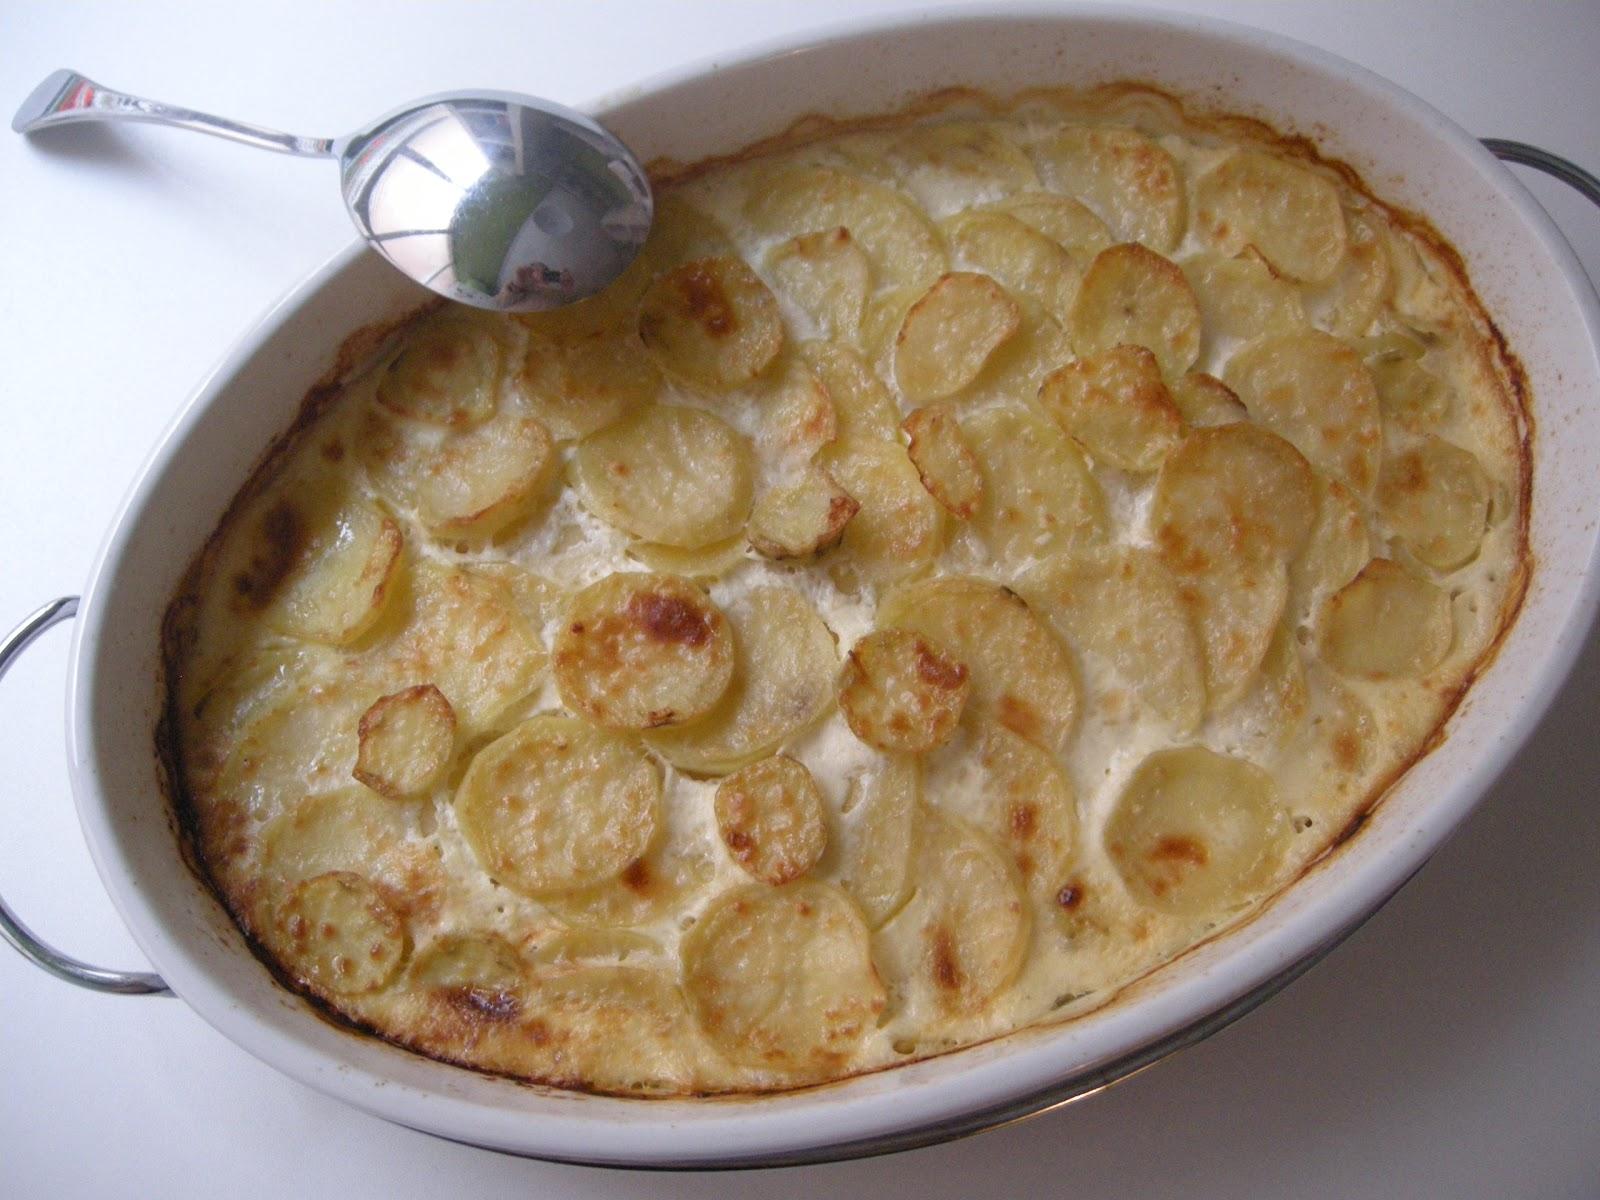 T a alia recetas patatas al horno - Patatas pequenas al horno ...